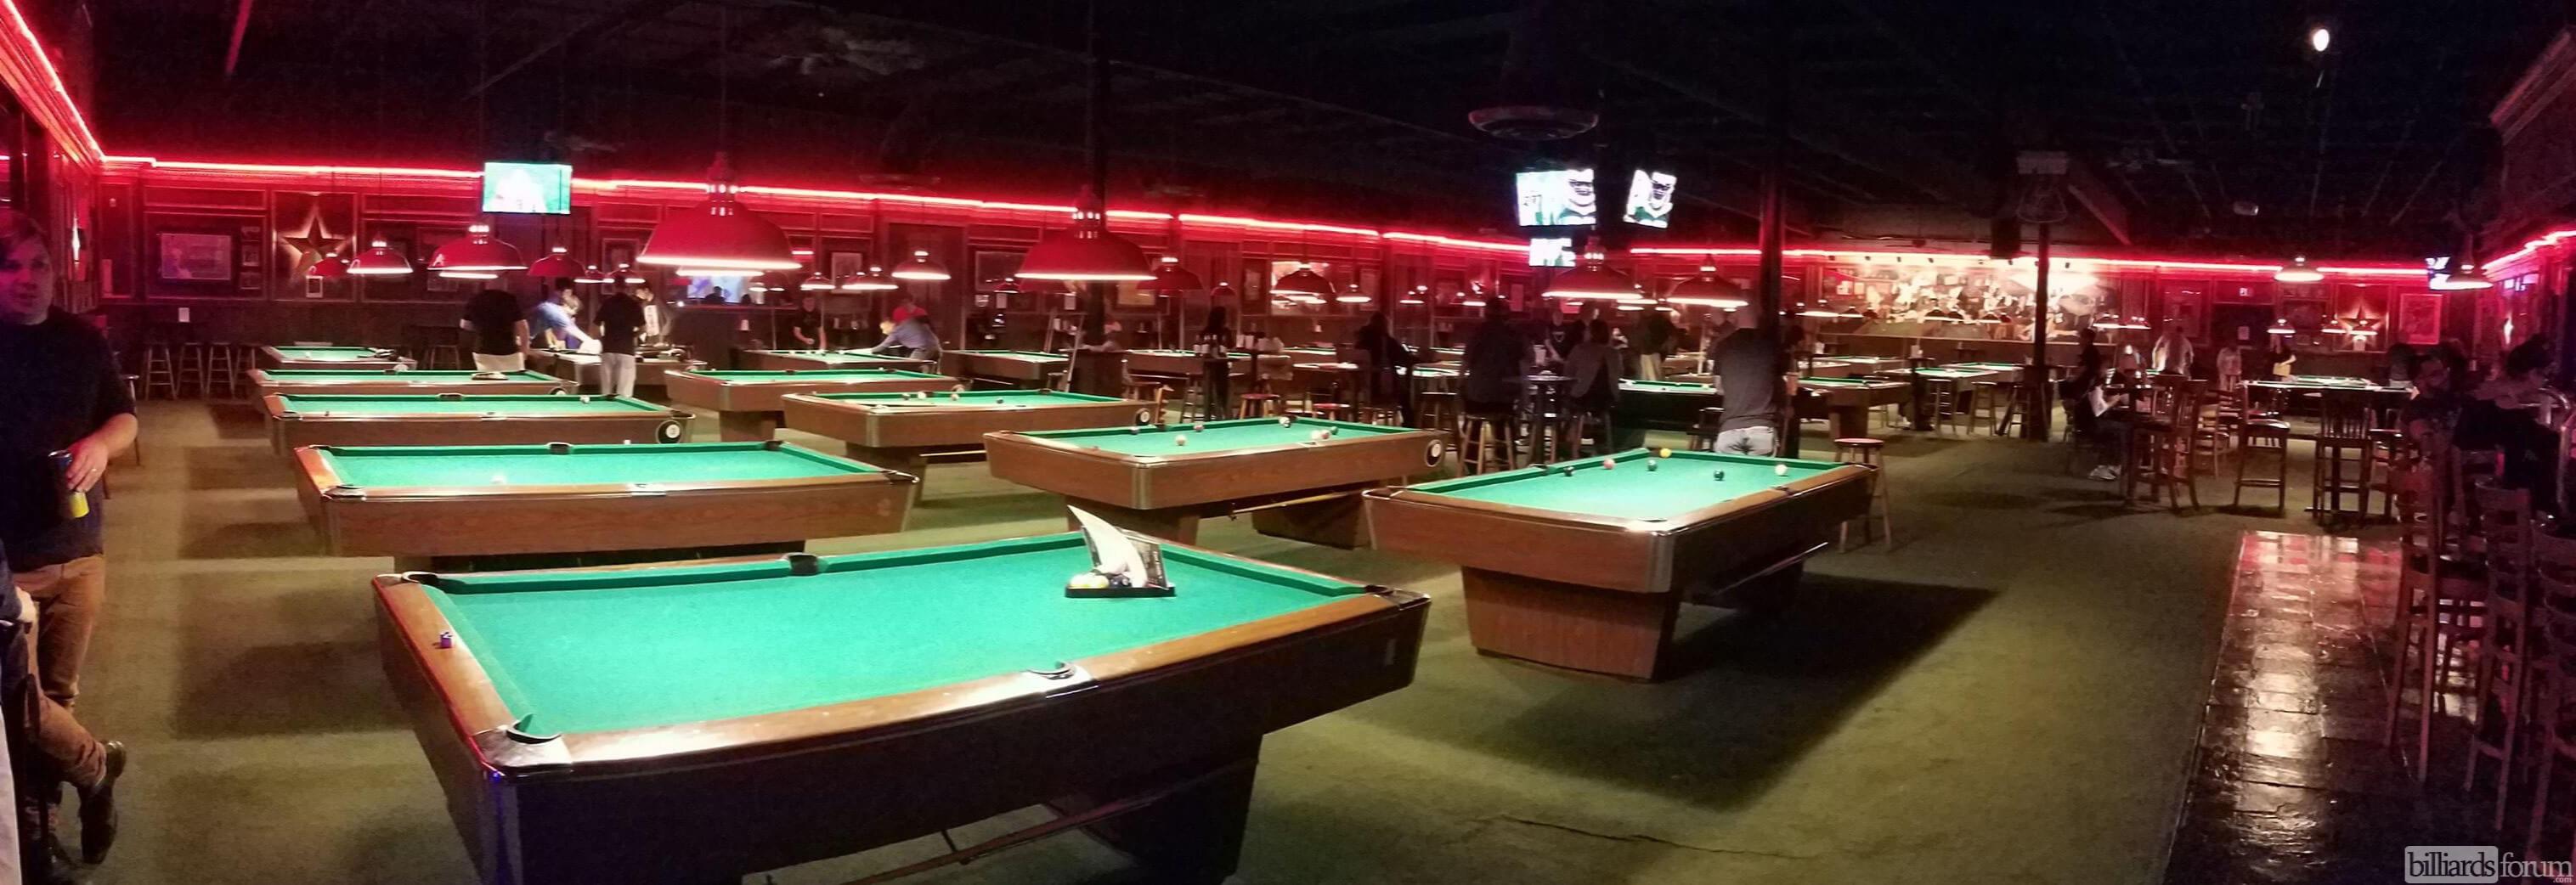 Fast Eddies Embassy Oaks San Antonio - Pool table refelting san diego